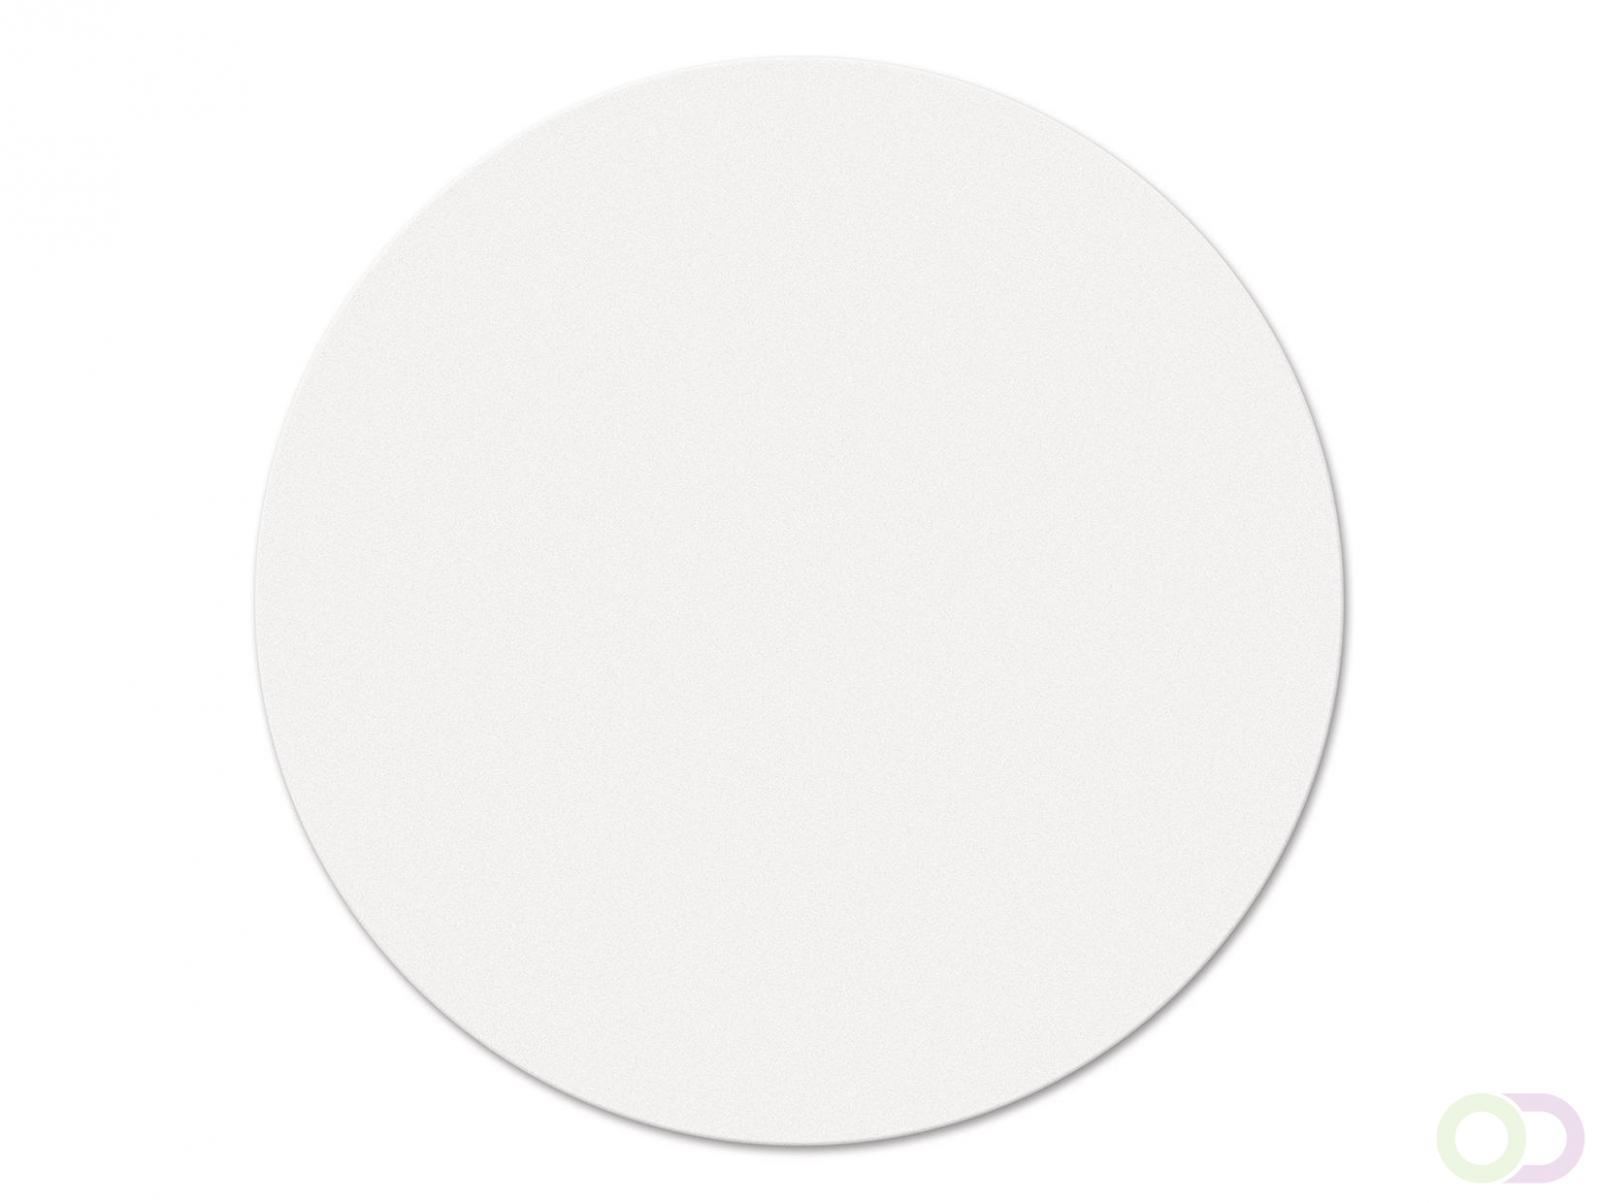 Ronde kaarten 19 cm, 500 stuks wit